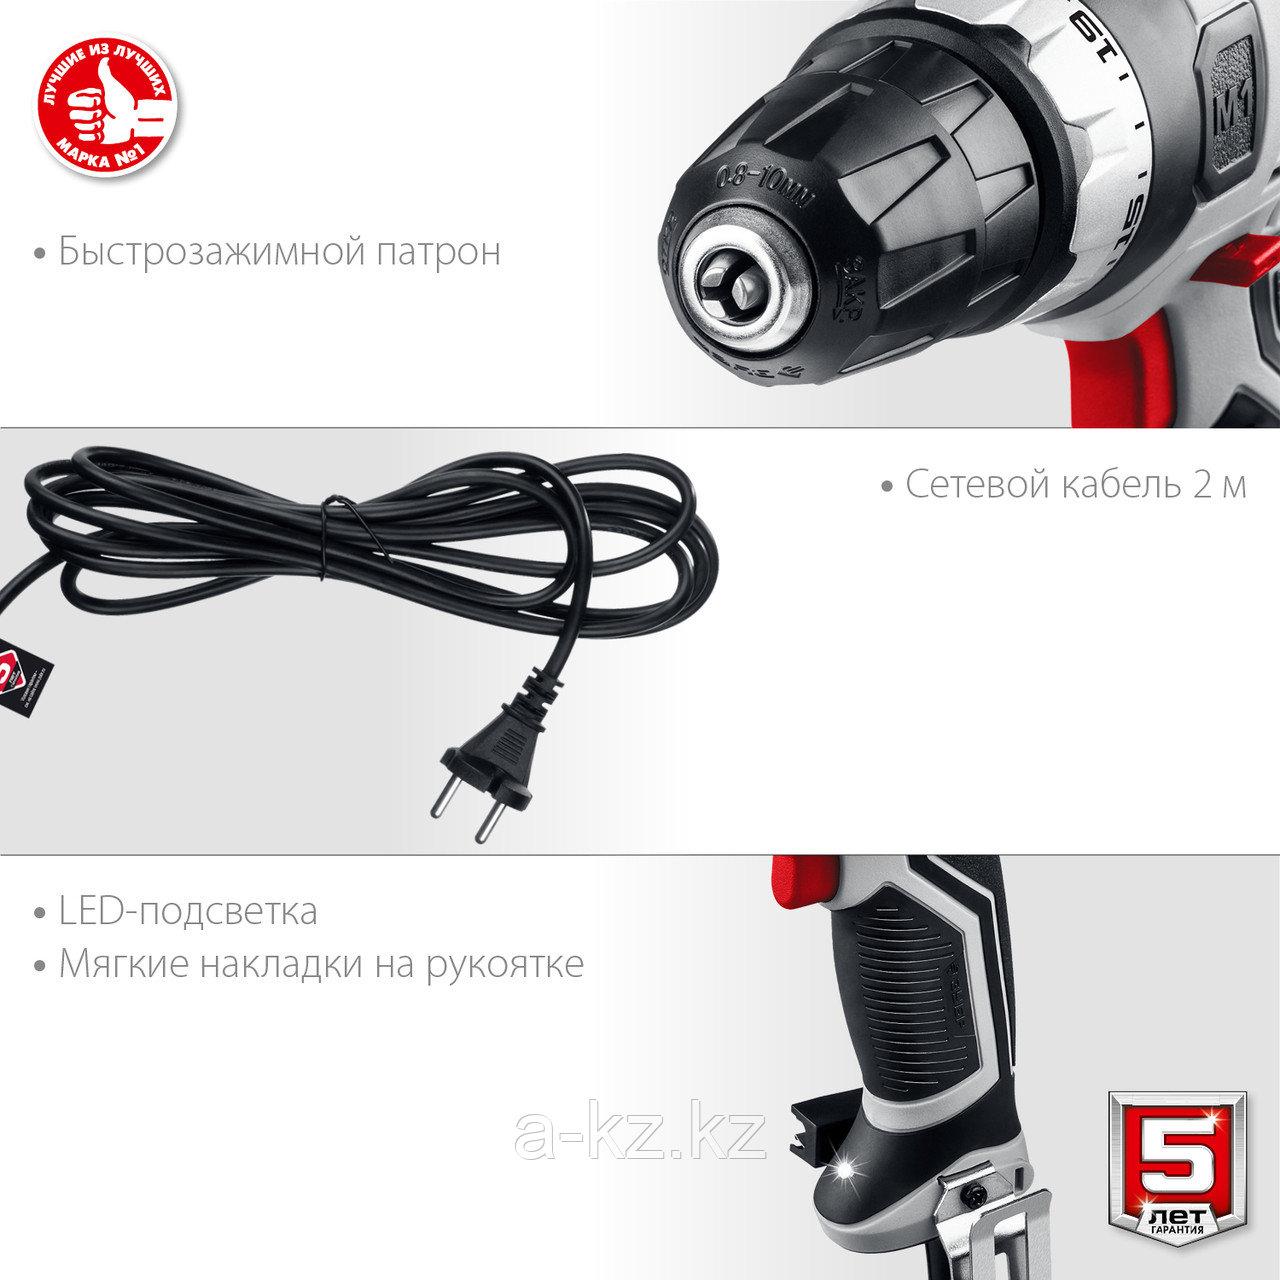 ЗУБР ДШ-М1-400-2 К дрель-шуруповерт сетевая, 400 Вт, 0-450/0-1800 об/мин, в кейсе - фото 4